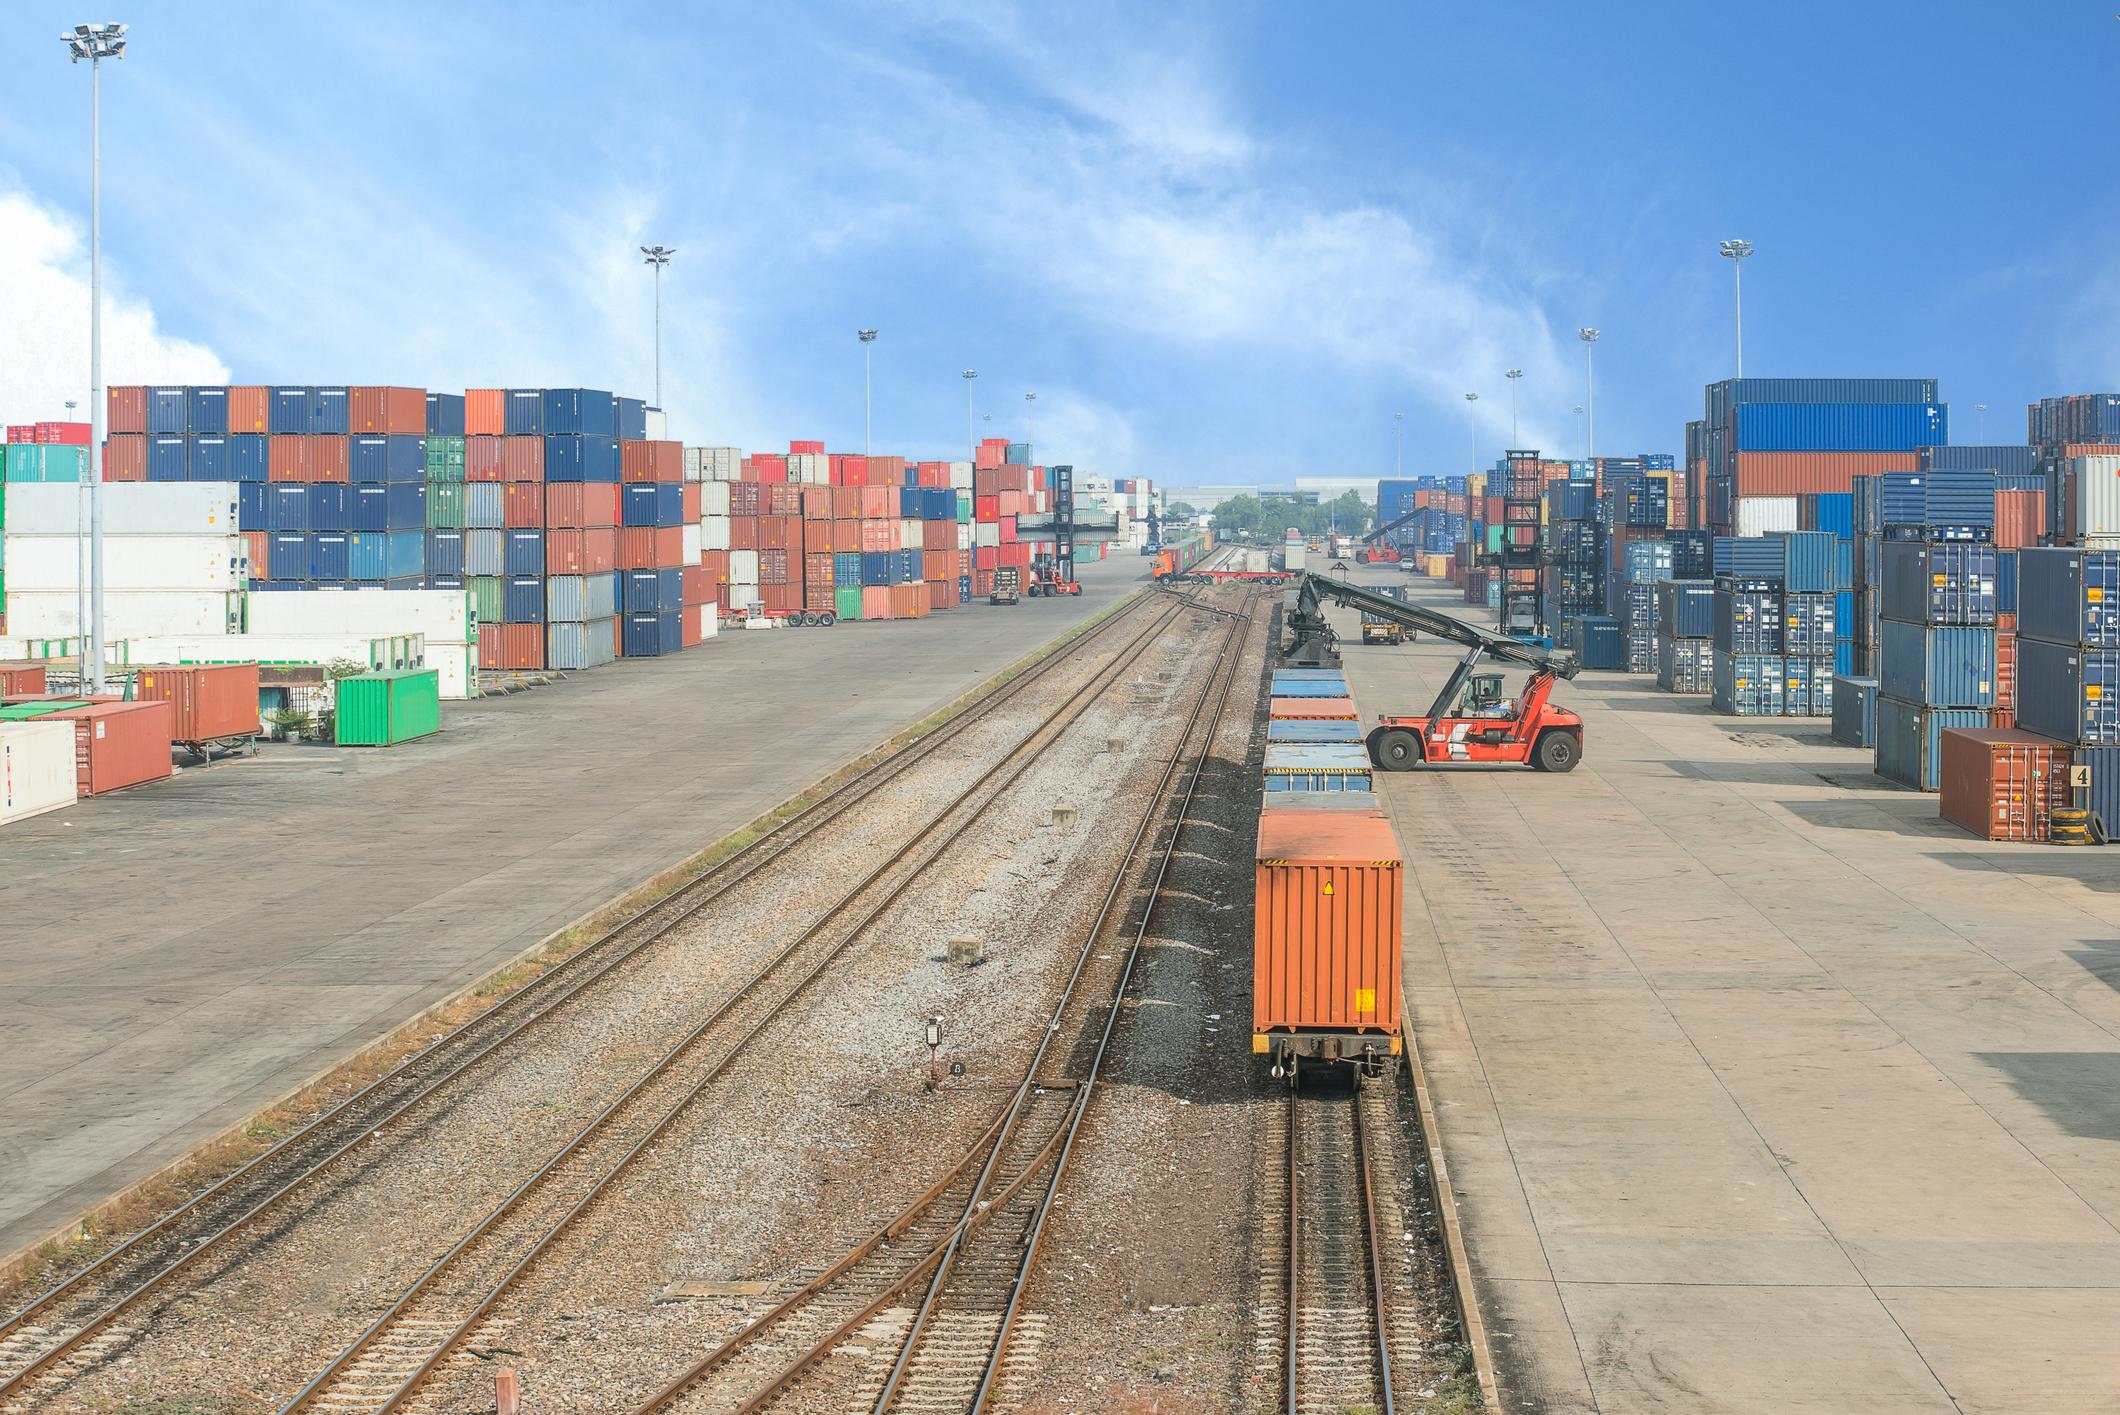 Loading intermodal rail cars at a terminal.